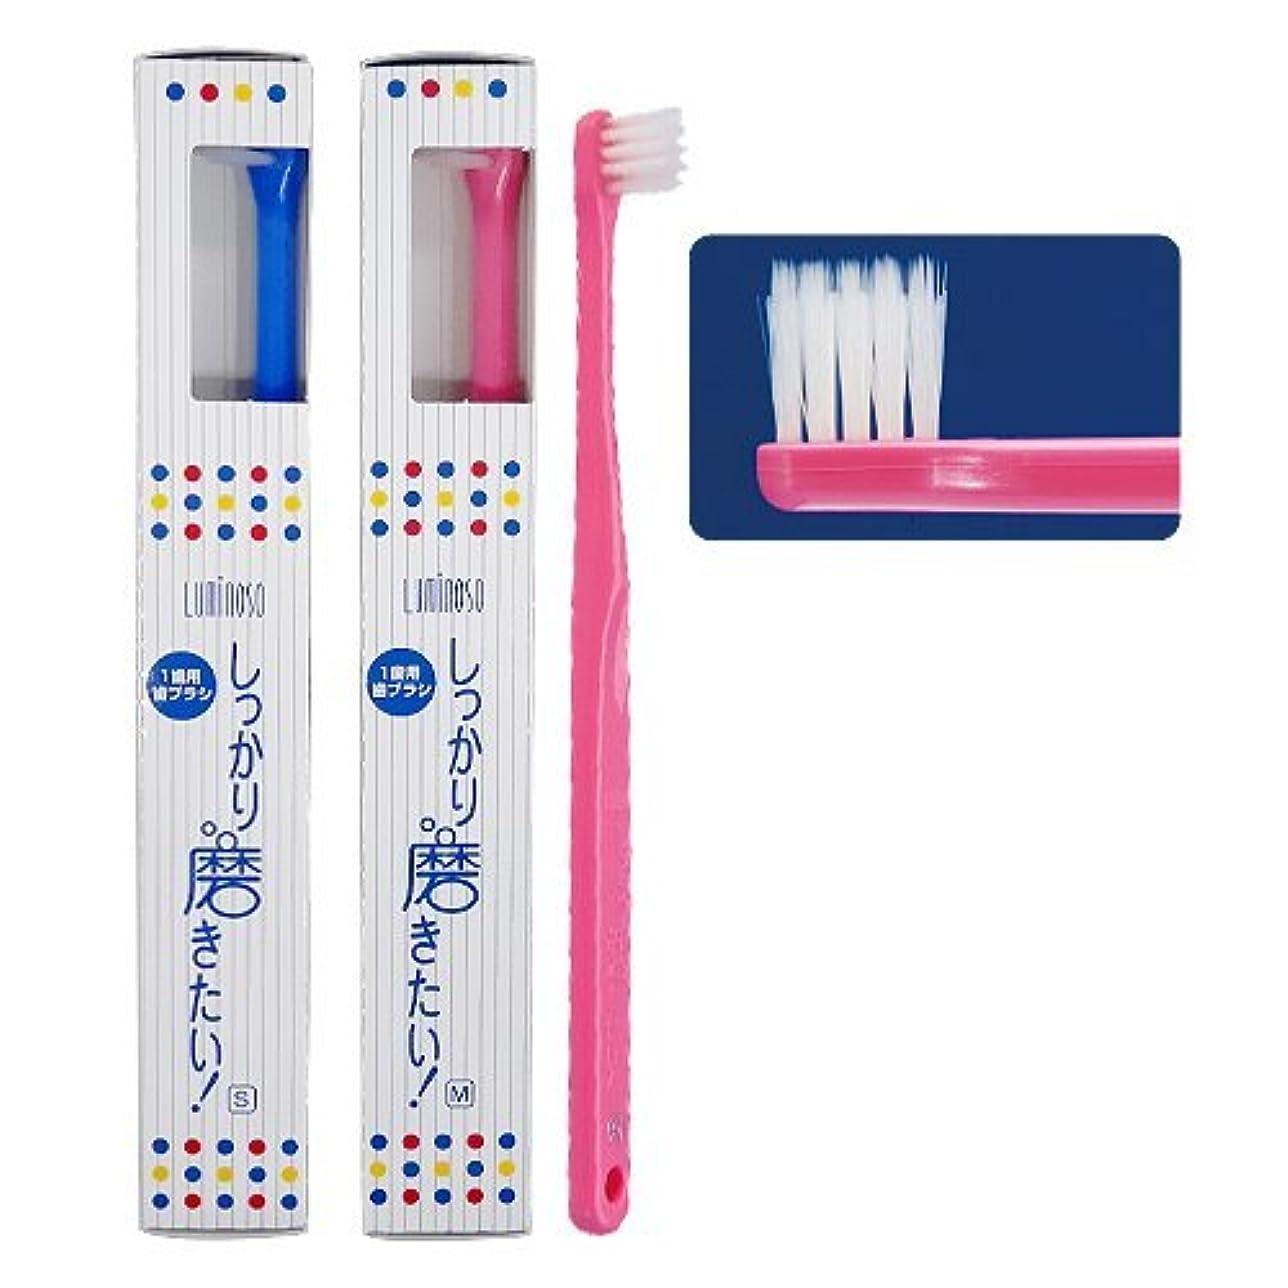 定数調整する成果ルミノソ 1歯用歯ブラシ「しっかり磨きたい!」スタンダード ミディアム (カラー指定不可) 3本